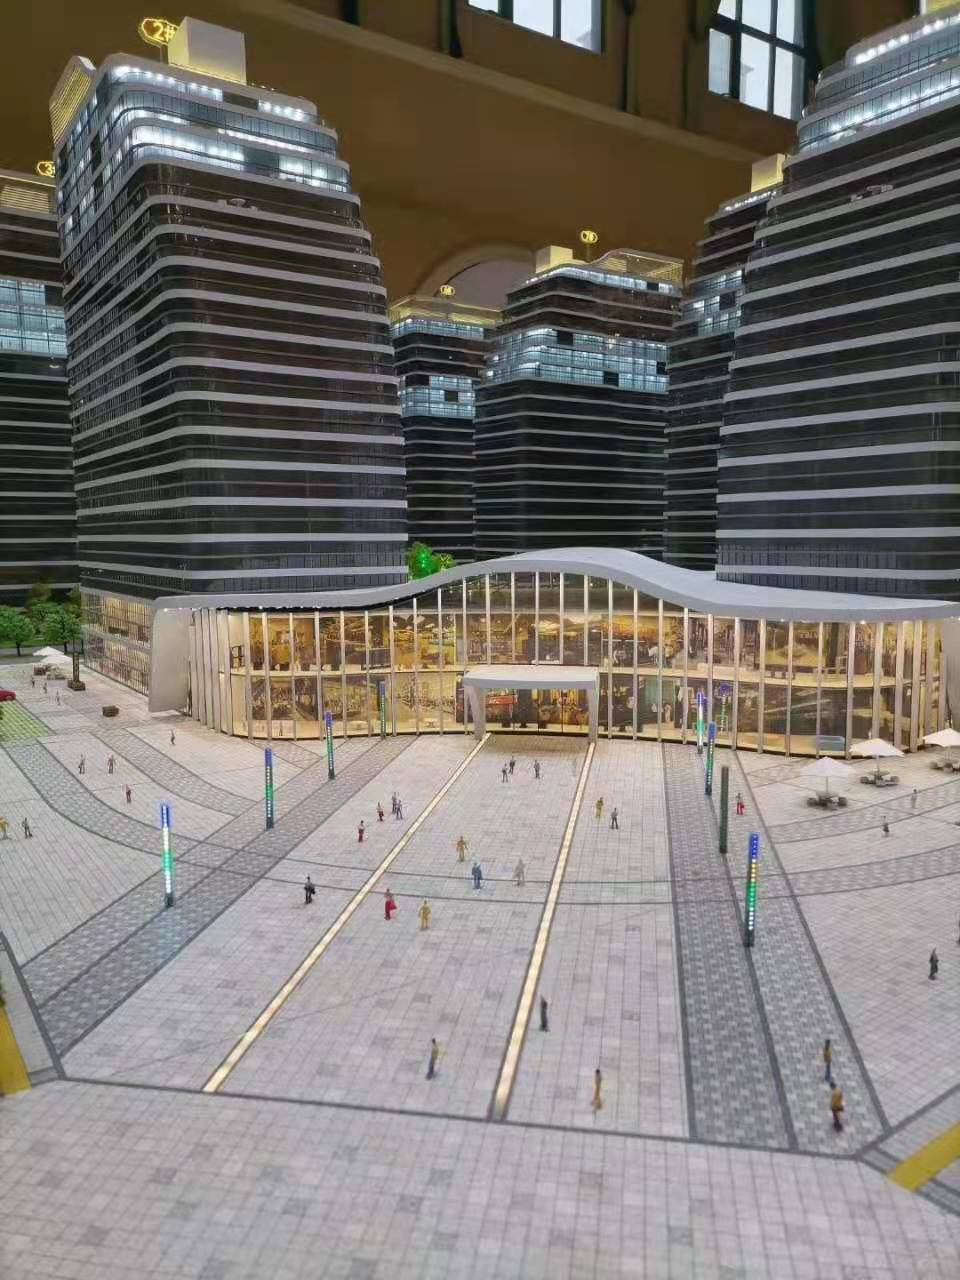 天保智慧城规划沙盘商业展示0